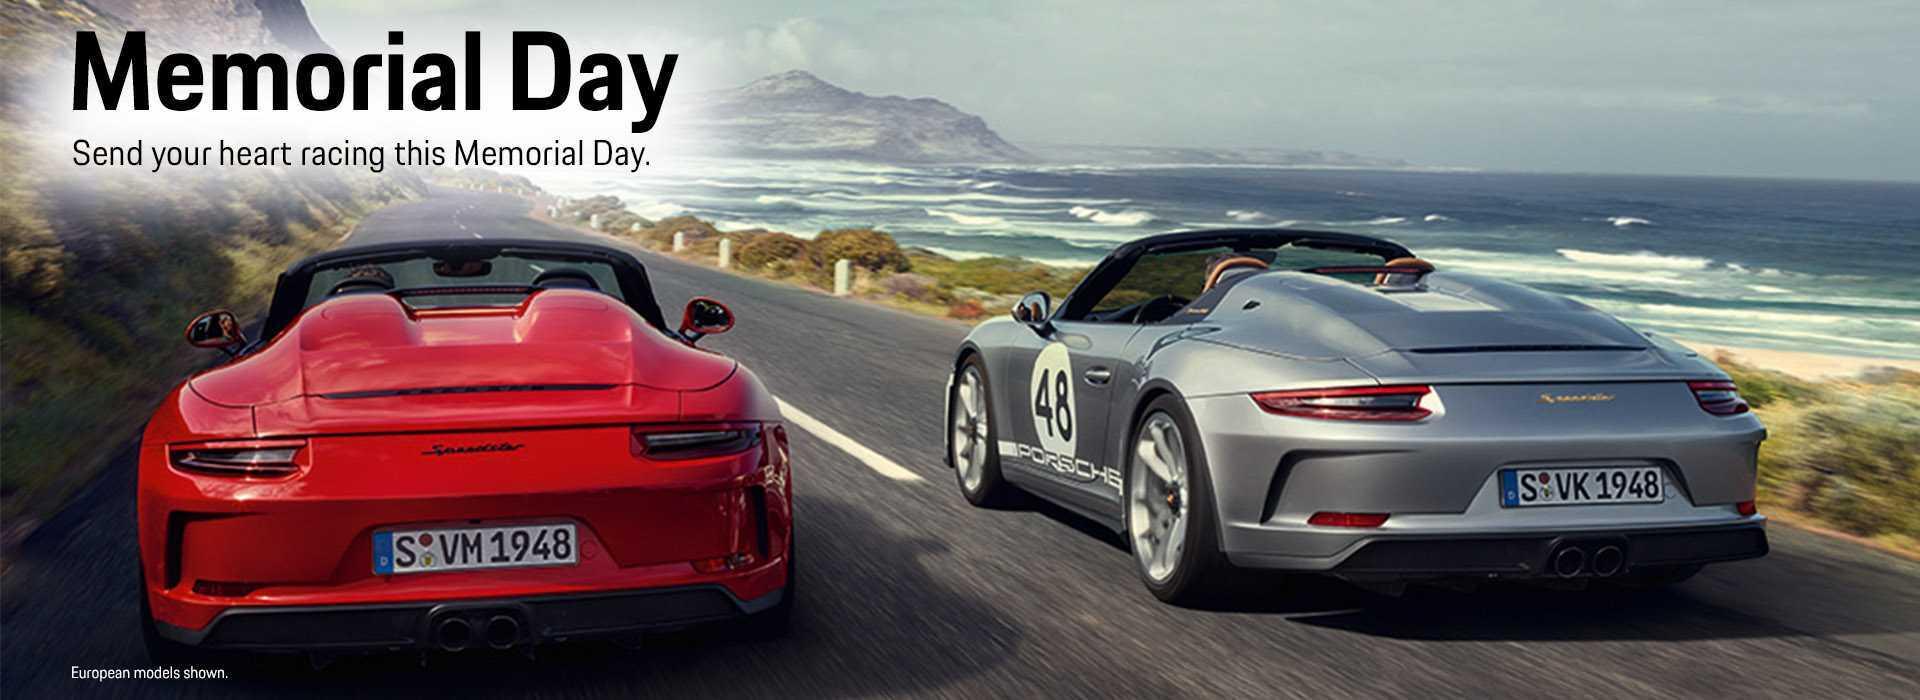 2019 Porsche Memorial Day